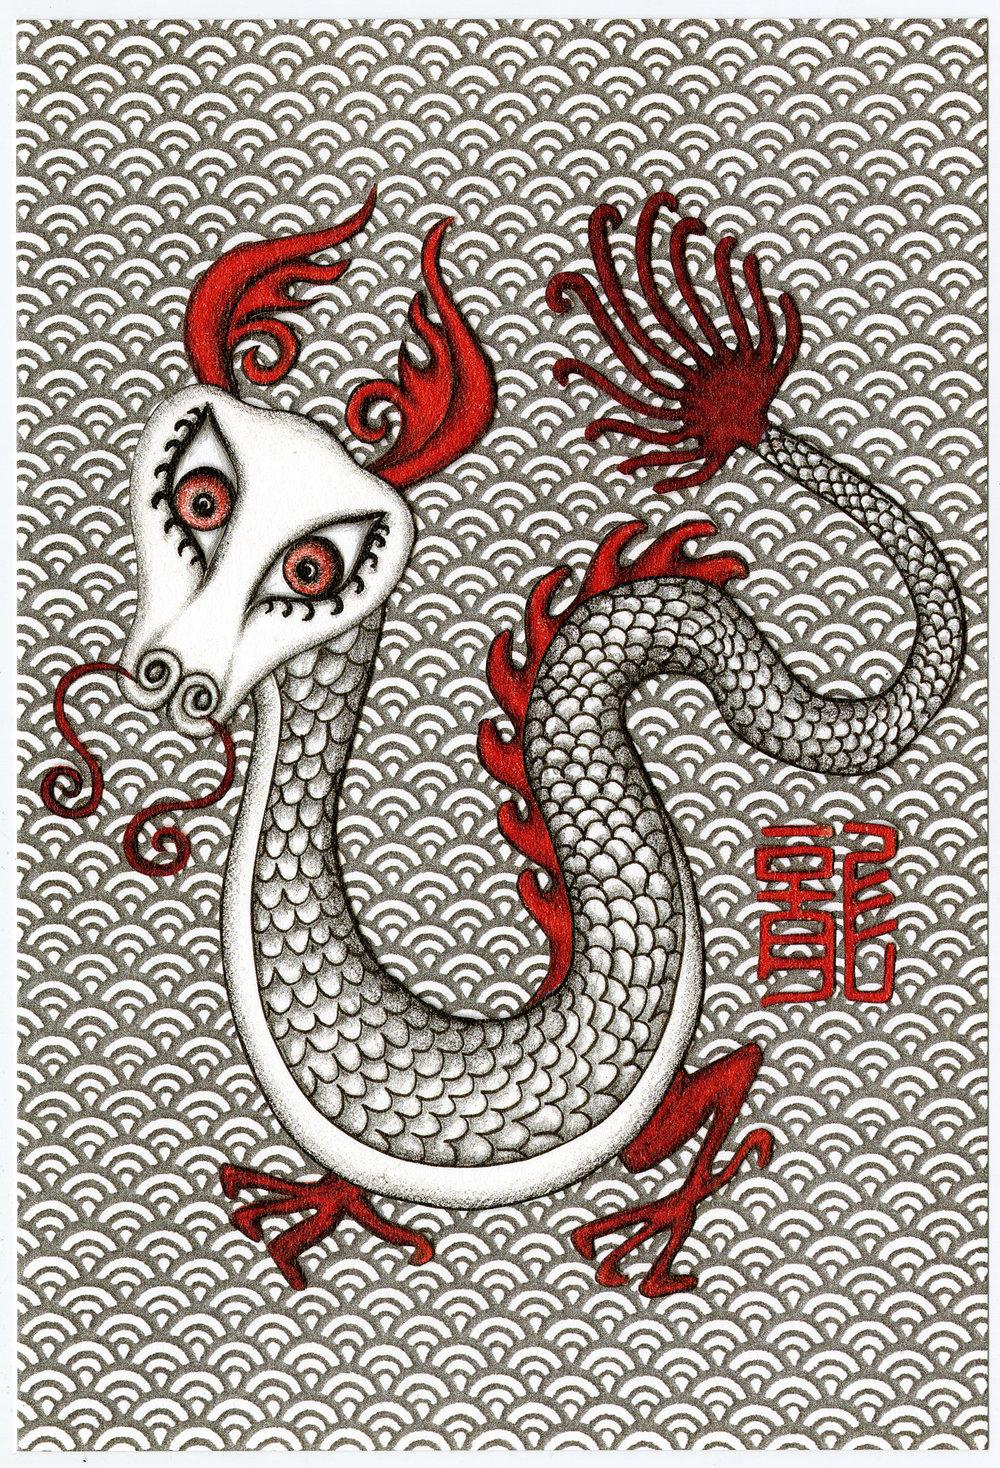 2012 Chinese Dragon Year Postcard. Tokyo, Japan